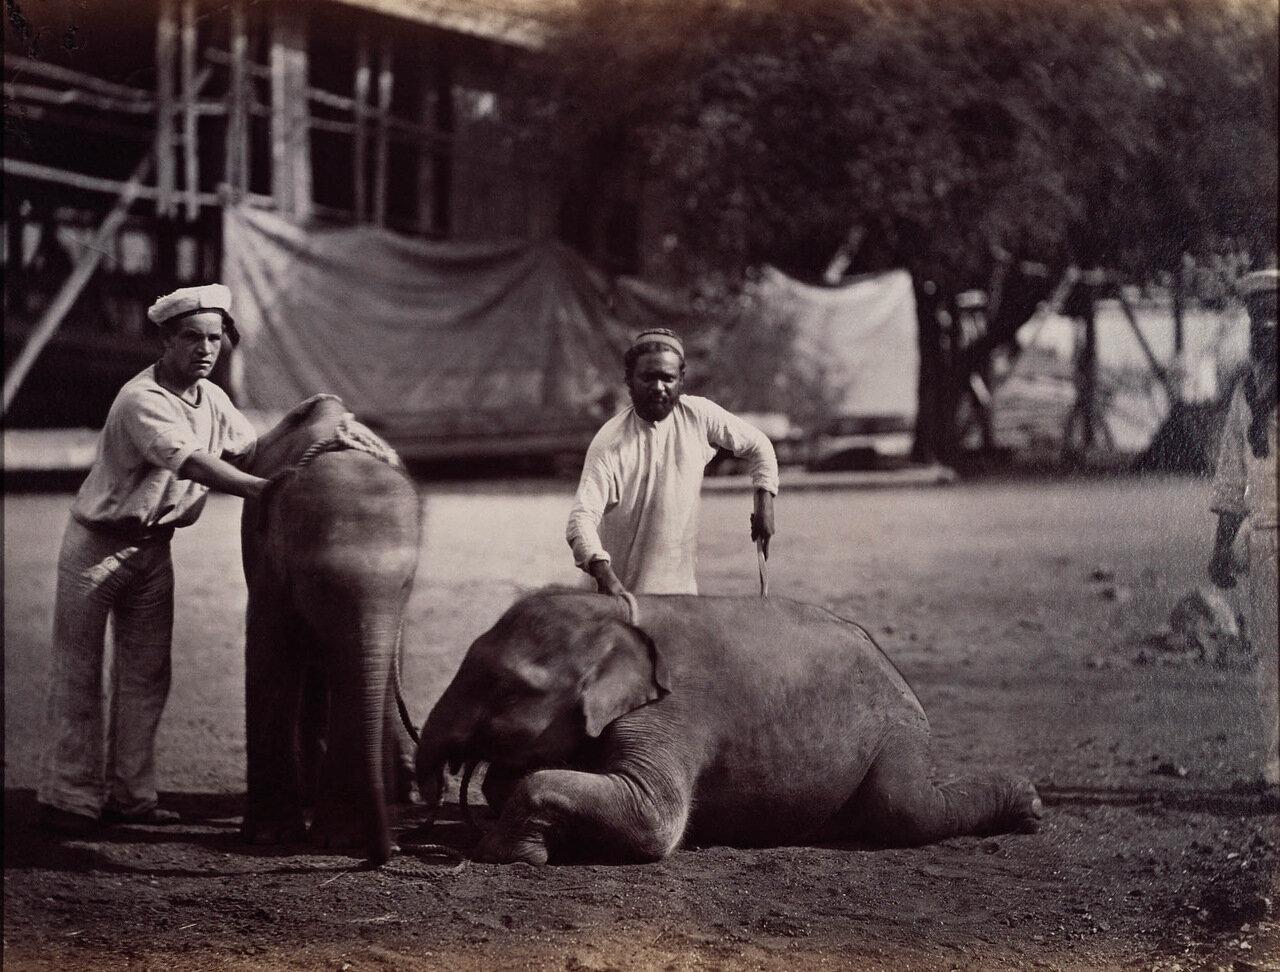 Два маленьких слоненка подаренных Его Королевскому Высочеству Принцу Уэльскому в Индии